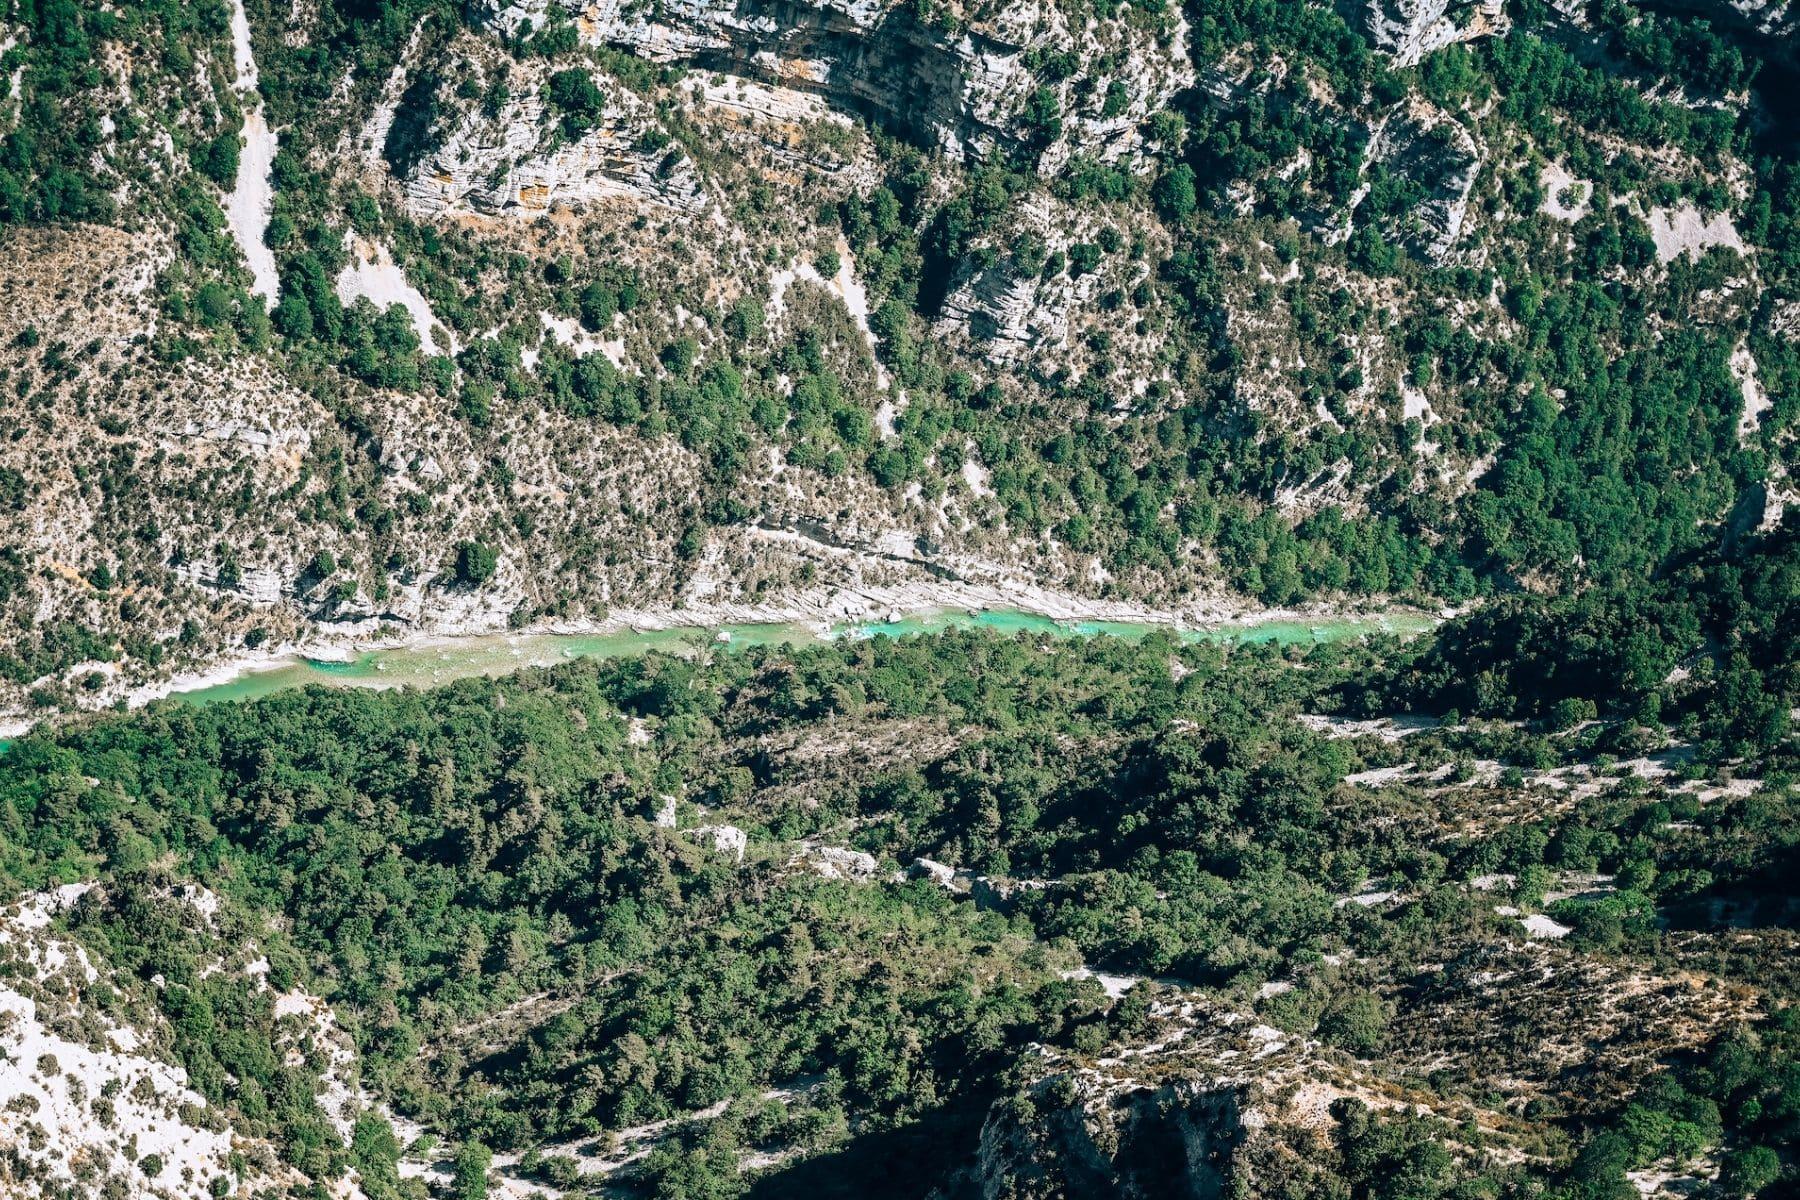 gorges du verdon canyons